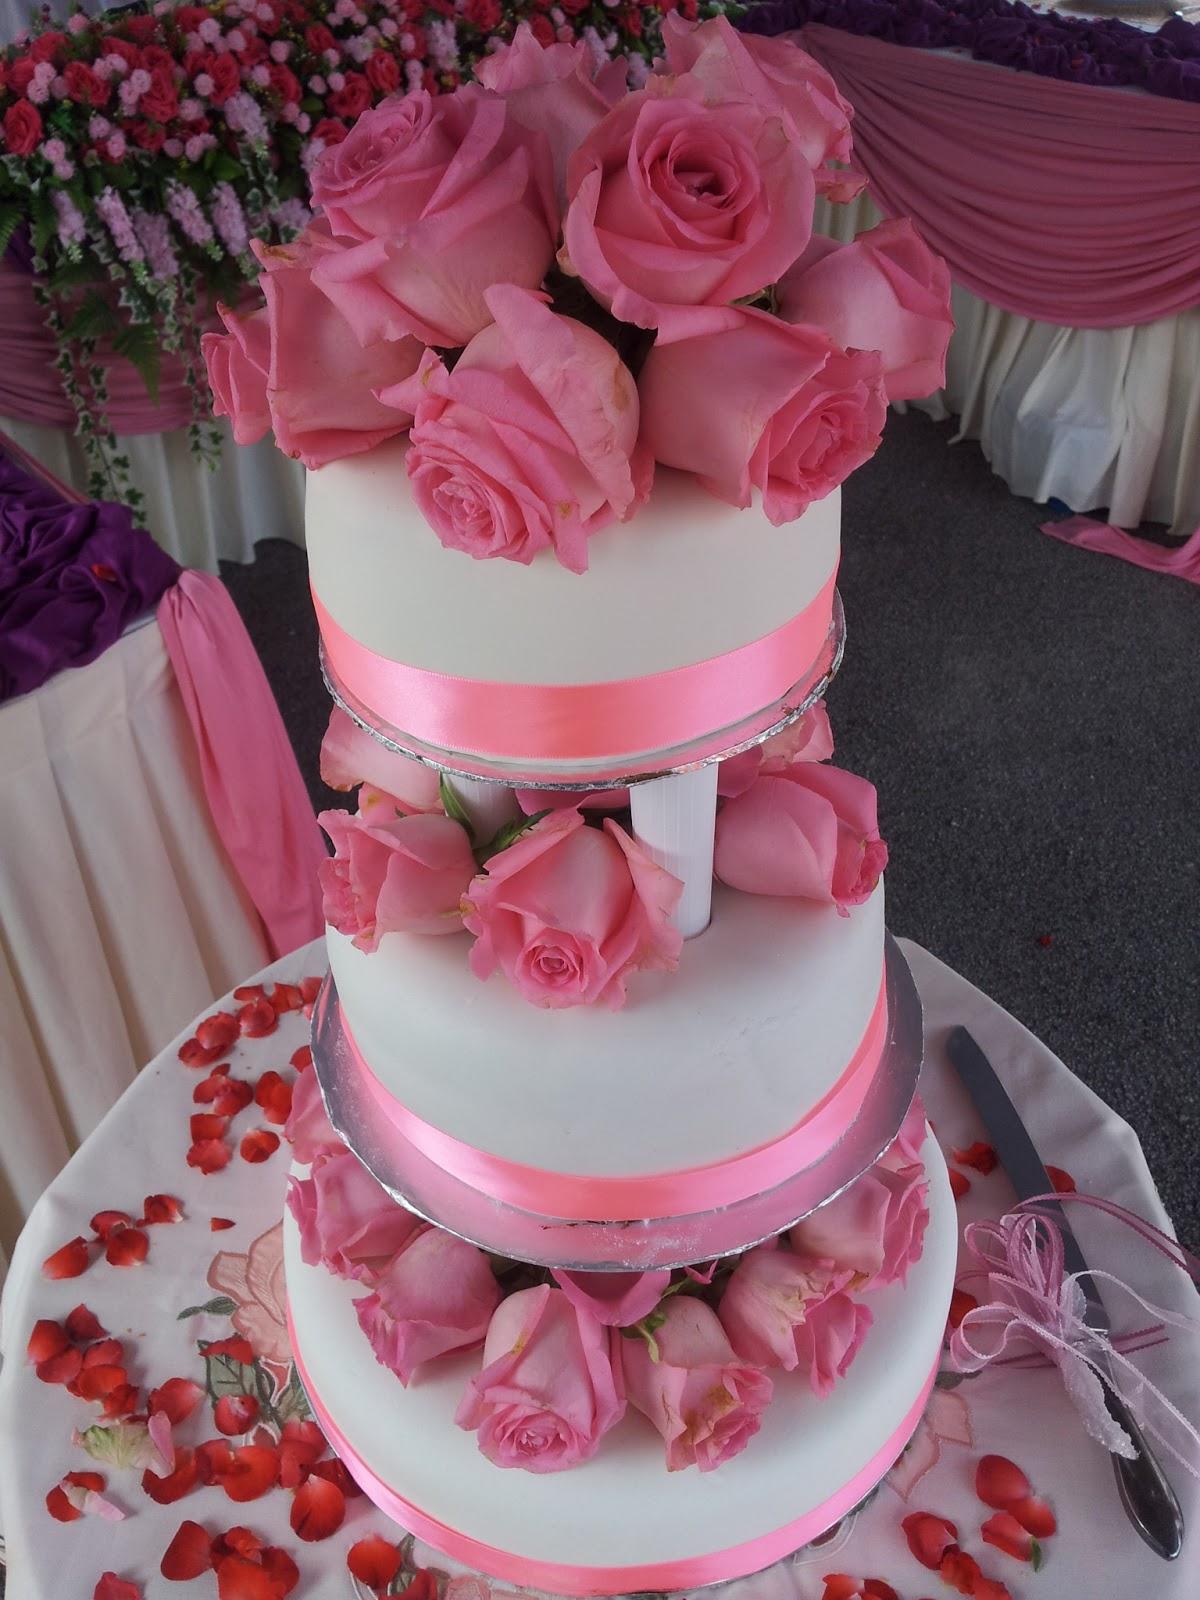 おいしい ですね (^_^): Three tier Wedding Cake with Fresh Roses